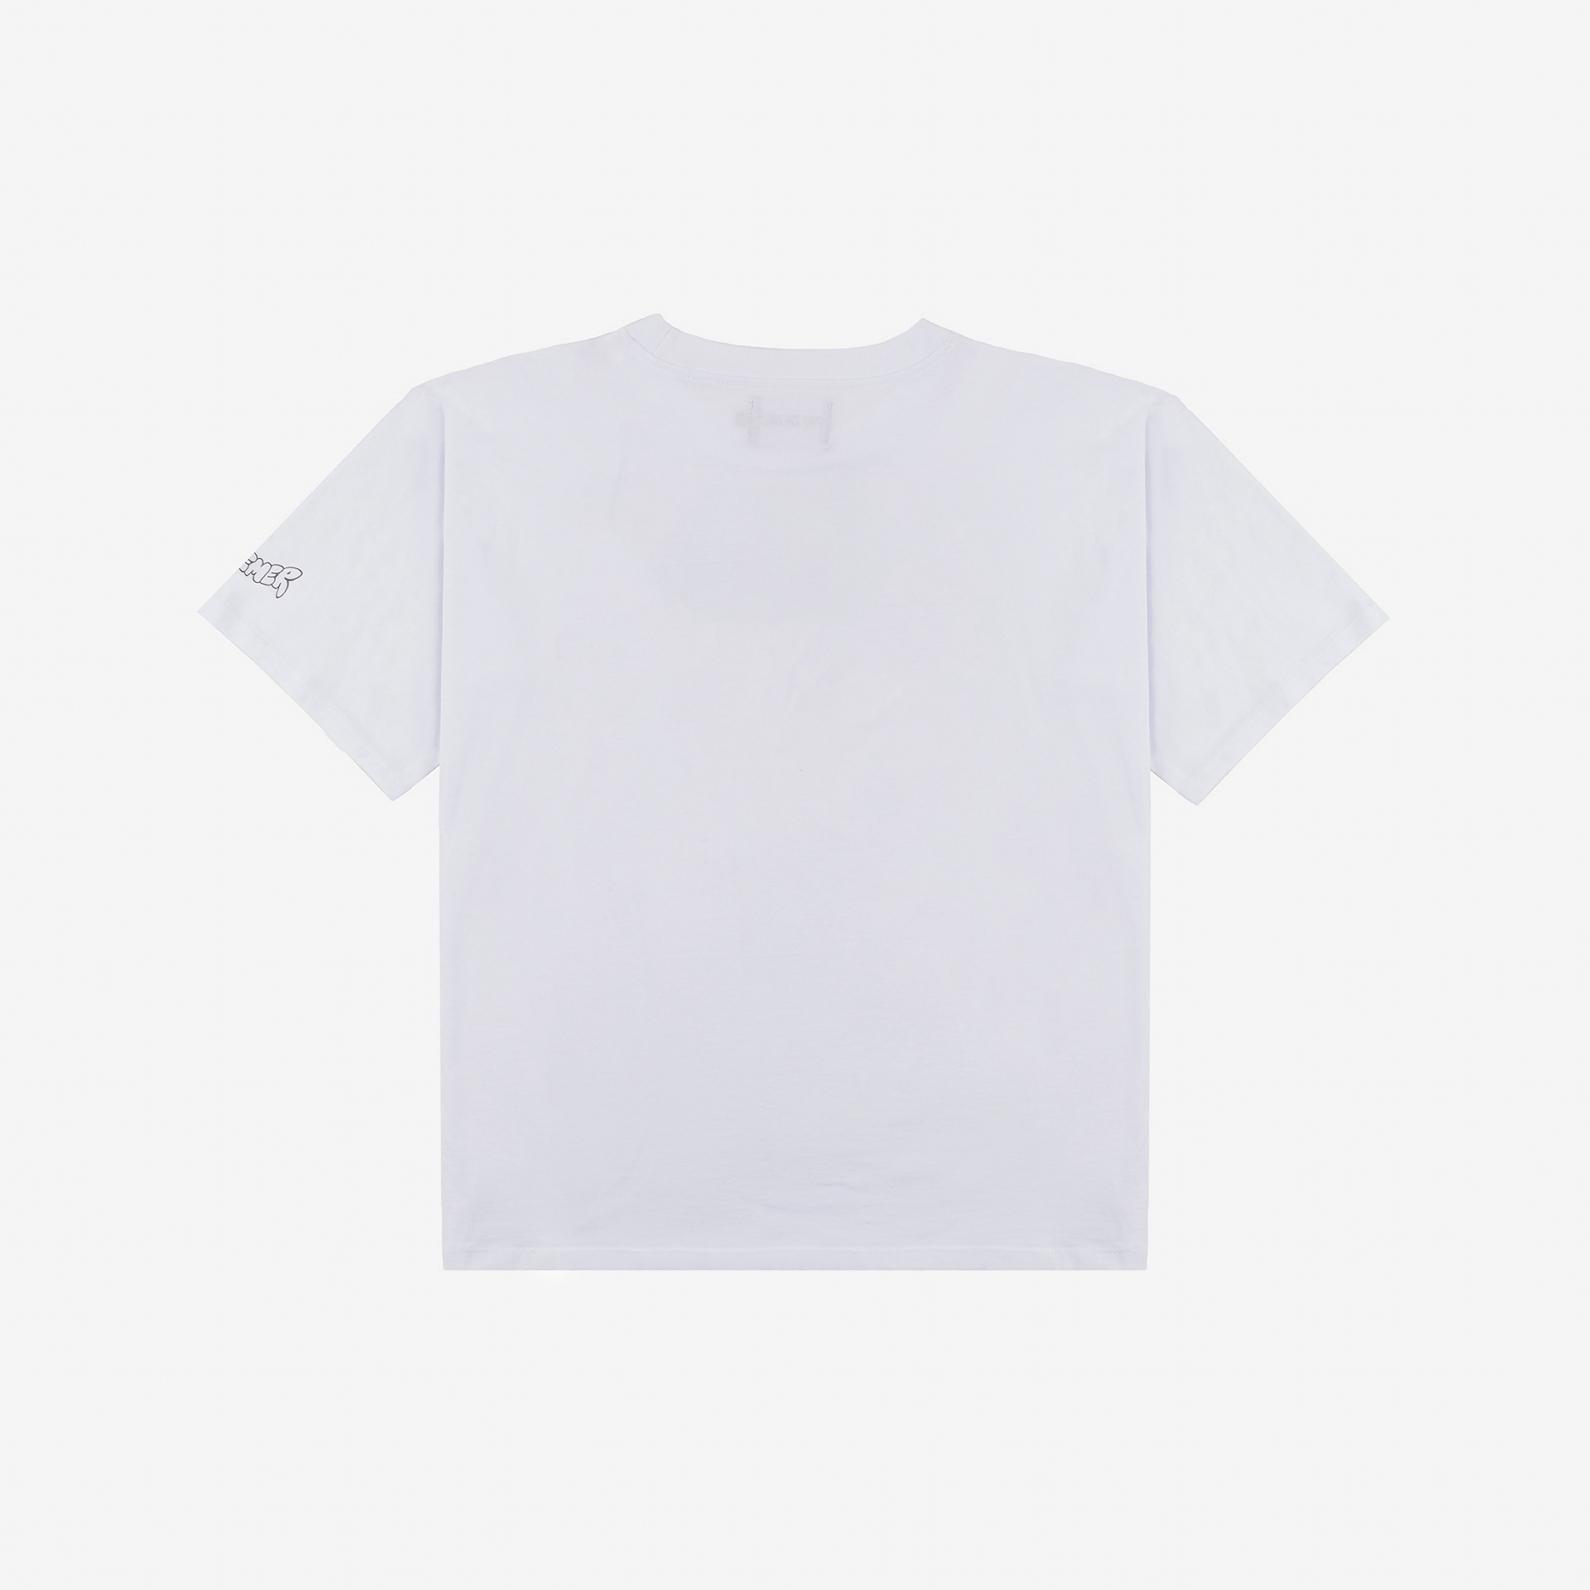 【PAS DE MER/パドゥメ】A.STUDIO OVERSIZE T-SHIRT オーバーサイズTシャツ / WHITE